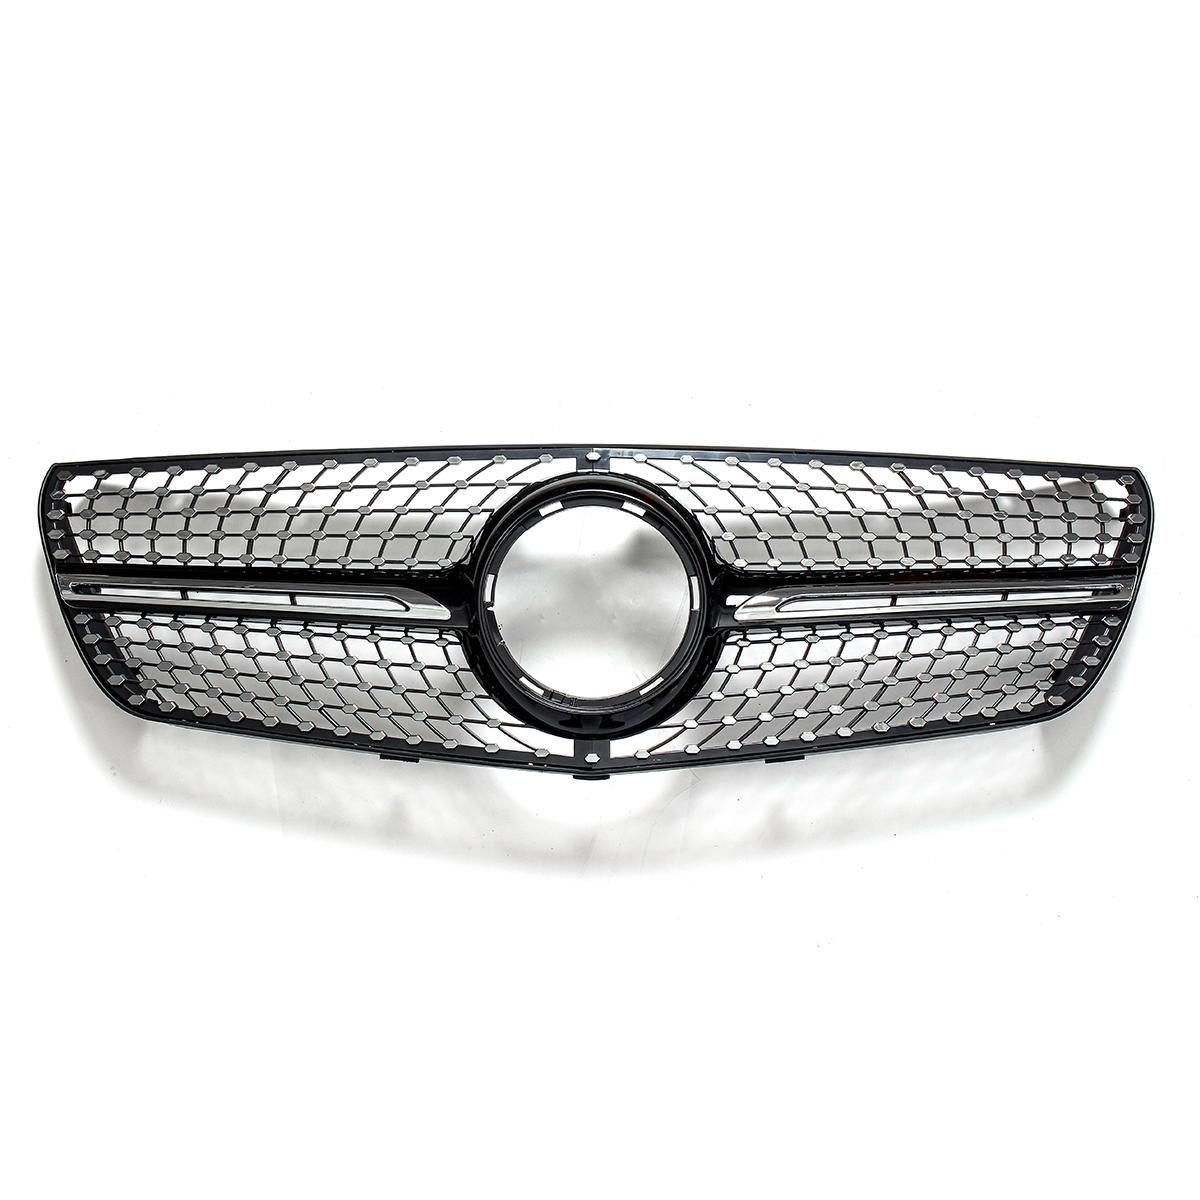 Diamond Style Coche Parrilla delantera Parrilla de parrilla de parachoques para Mercedes Benz Vito 2015-2018